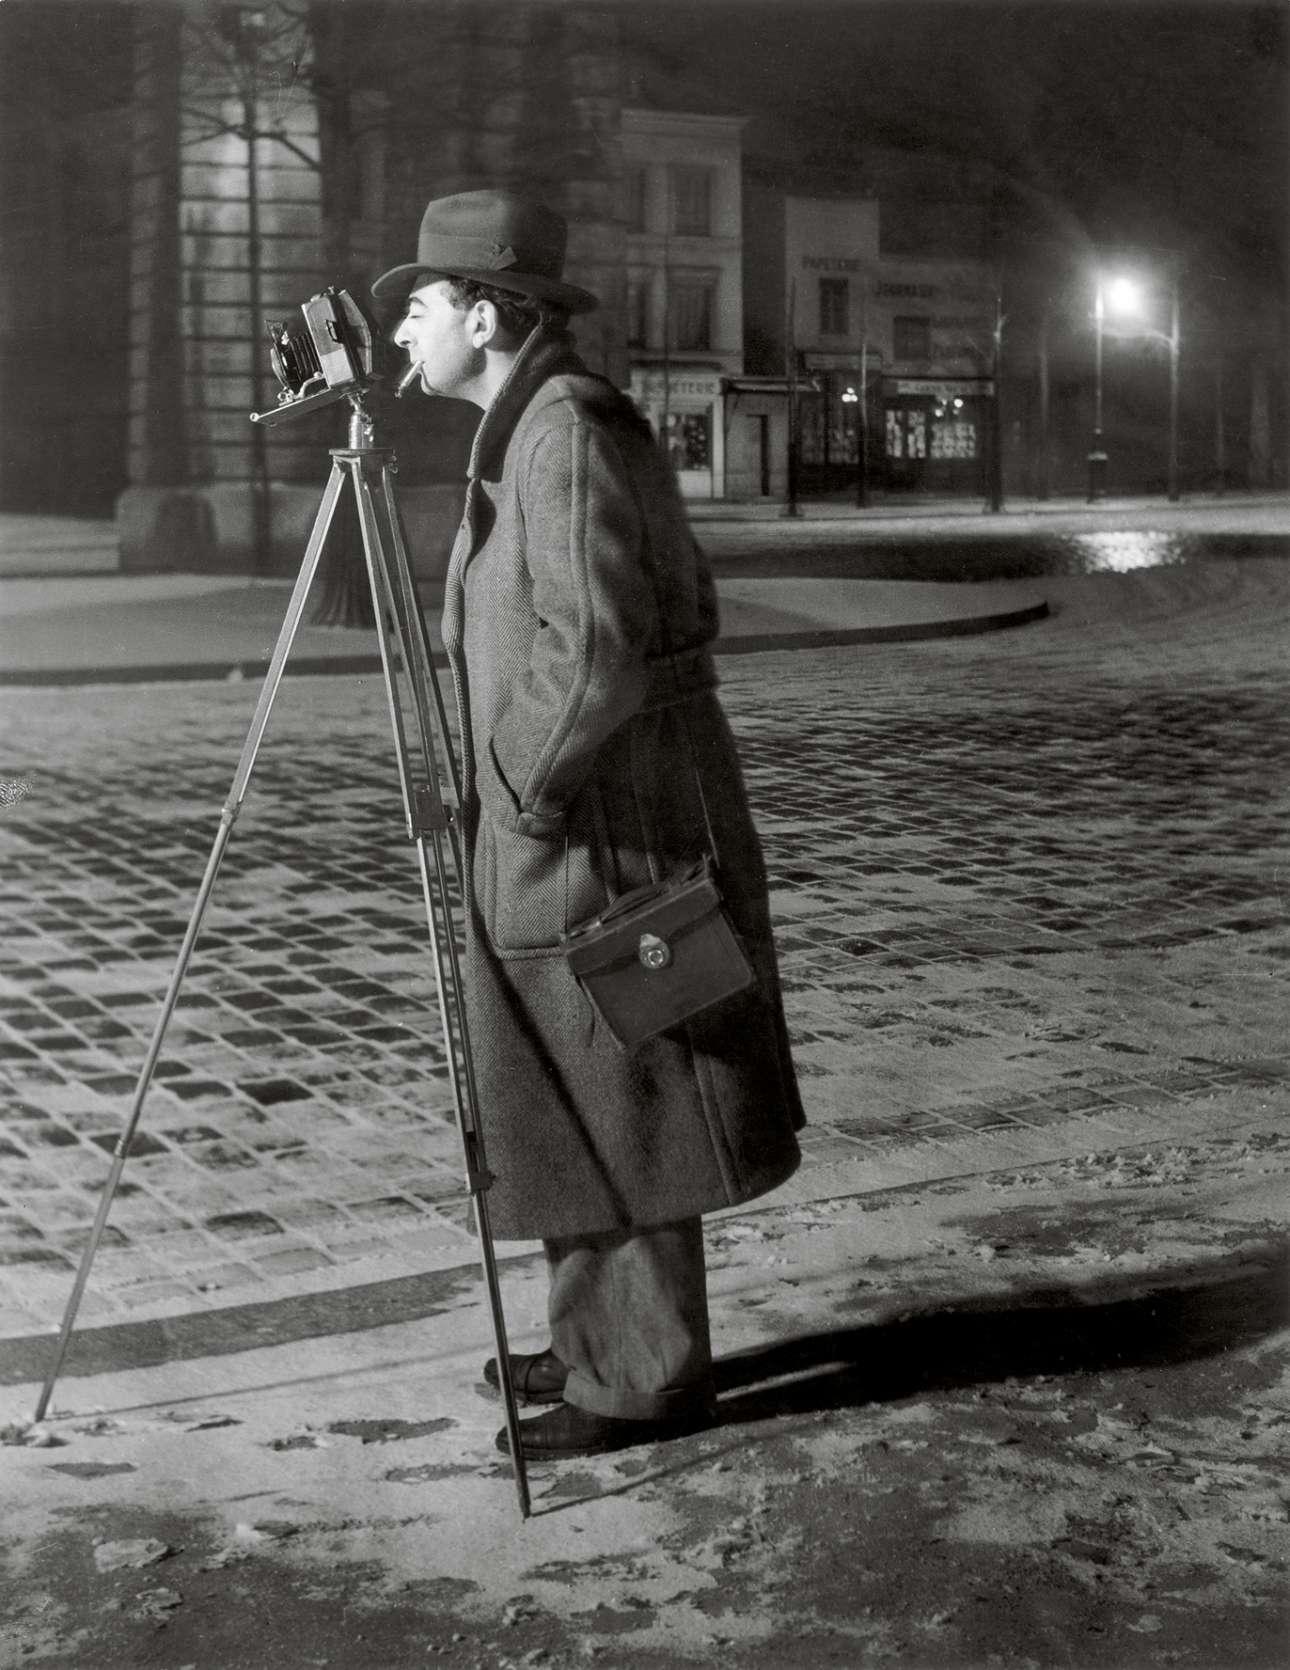 Ο Μπρασάι στη λεωφόρο Σεν Ζακ, 1930-32